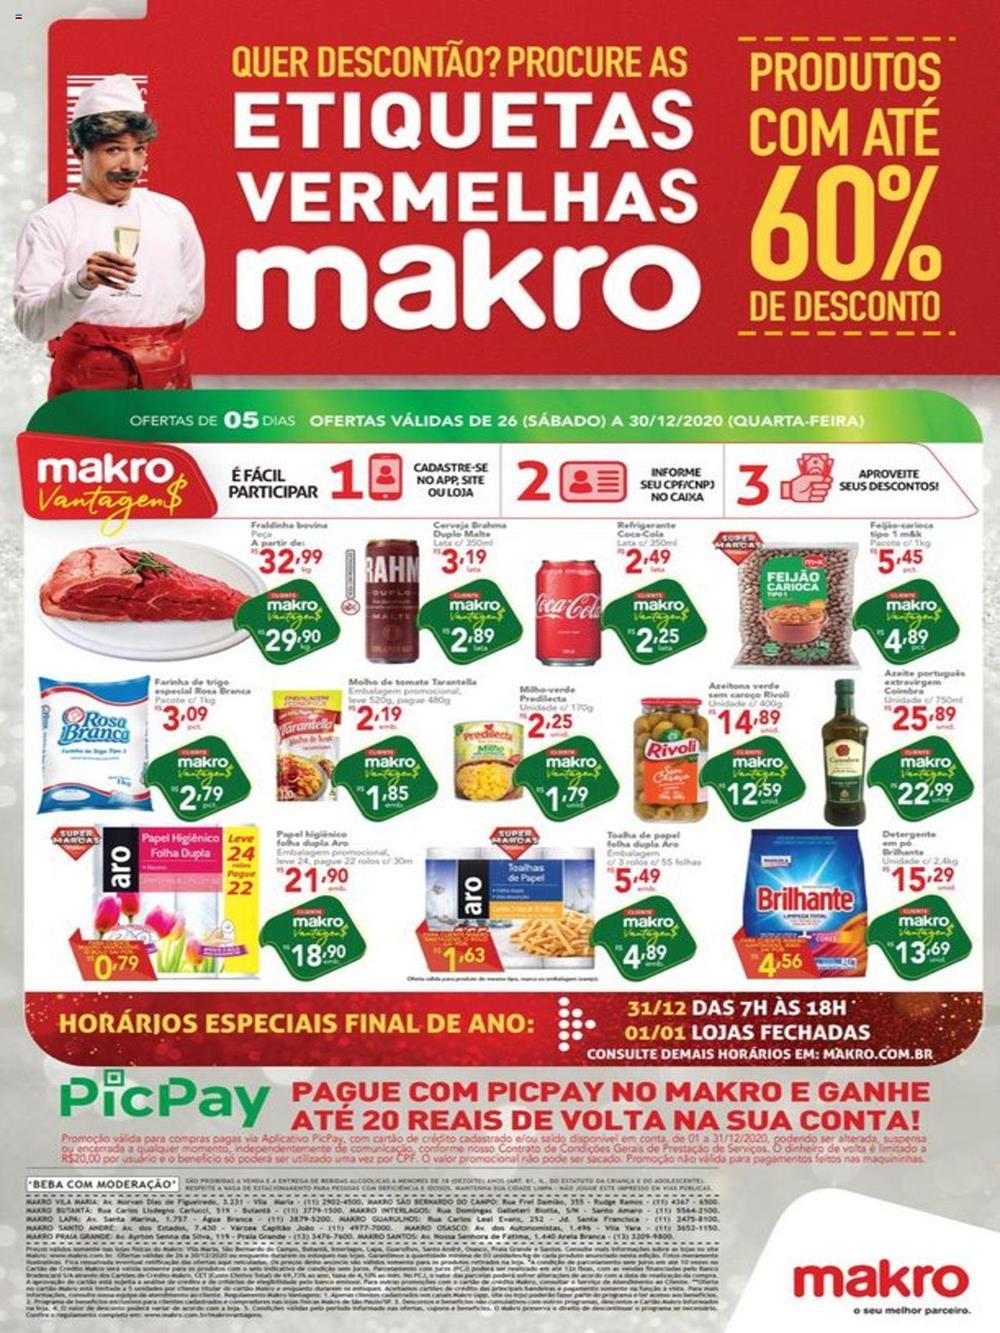 makro-ofertas-descontos-hoje2-5 Makro até 29/09